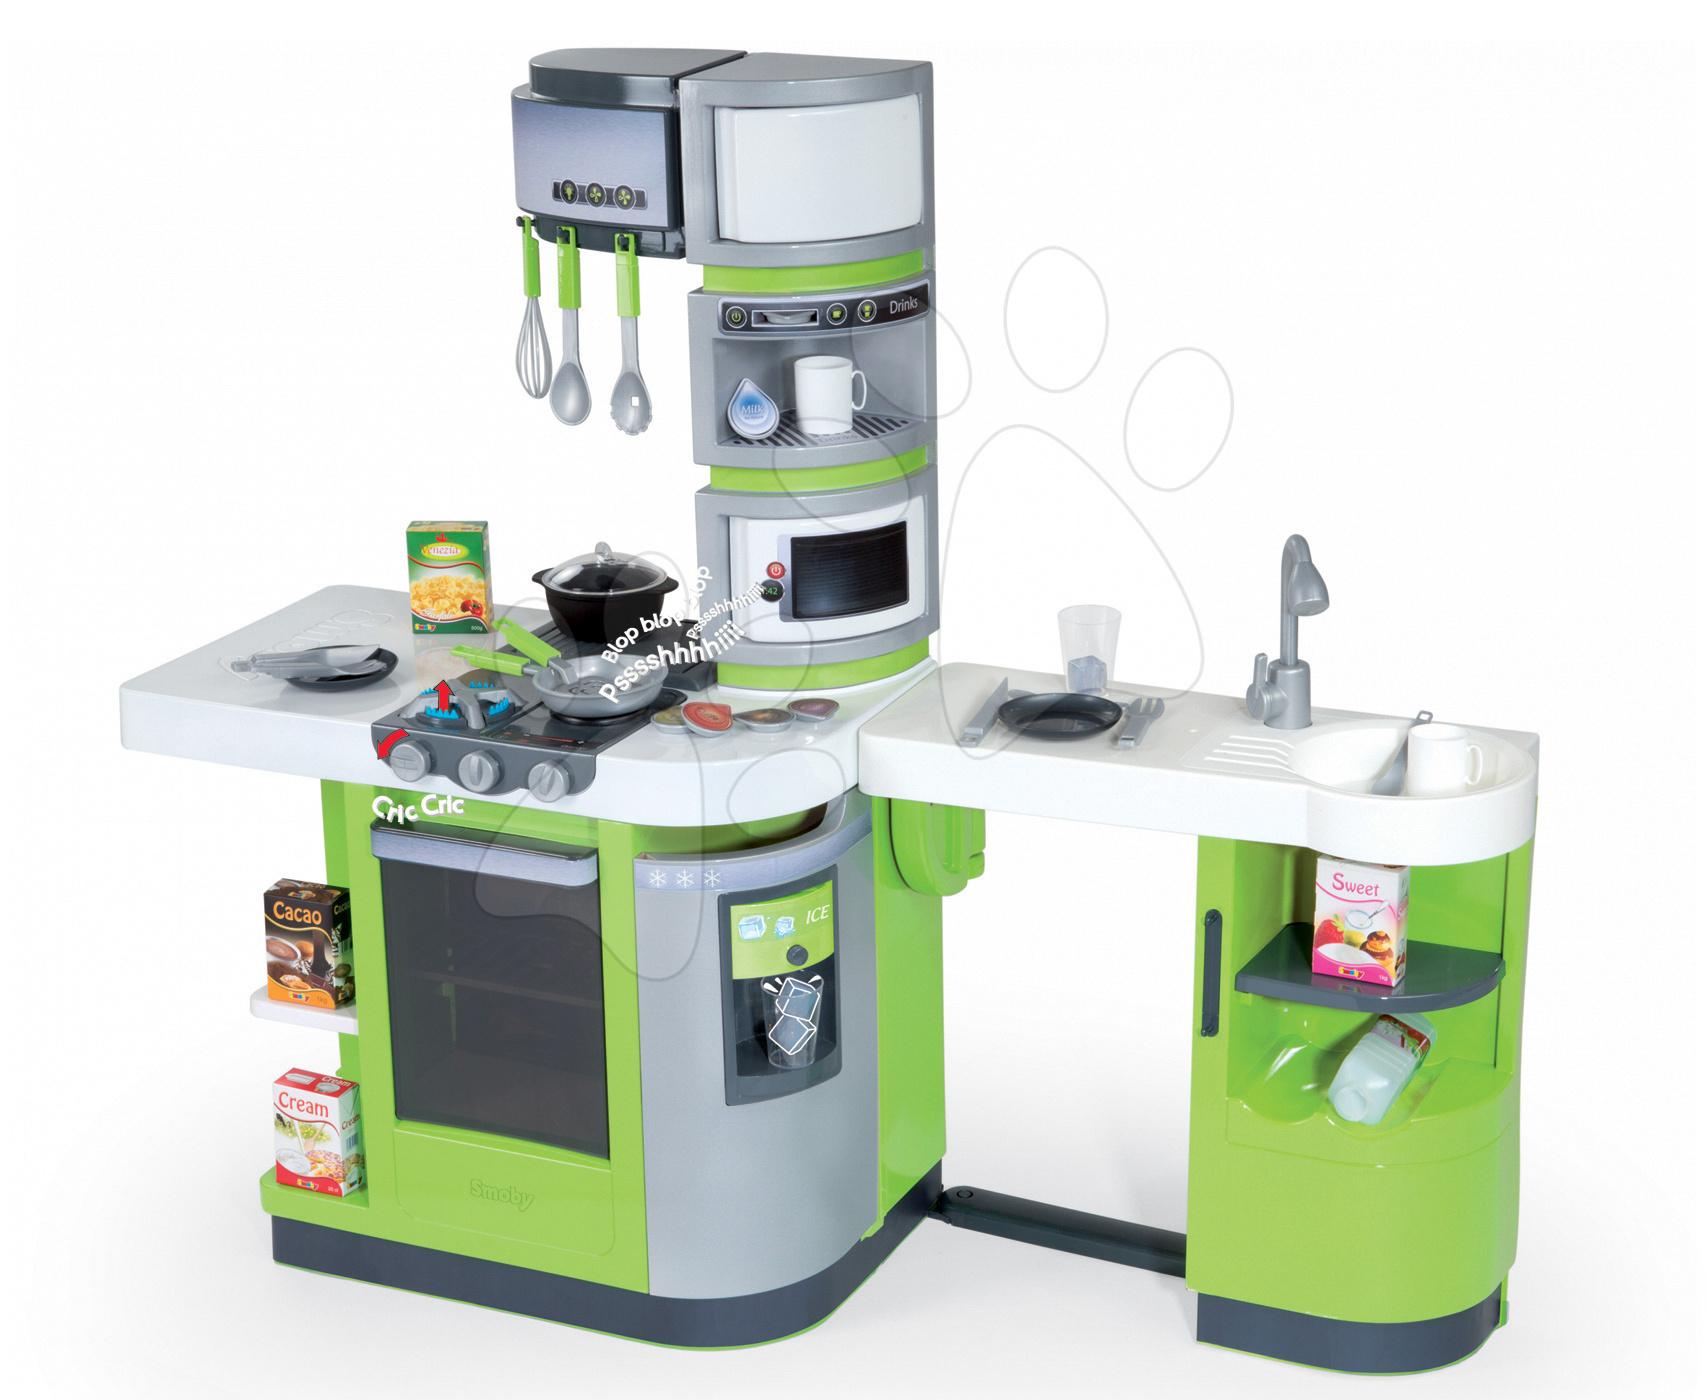 Kuchynka CookMaster Verte Smoby elektronická so zvukmi a 33 doplnkami zeleno-šedá